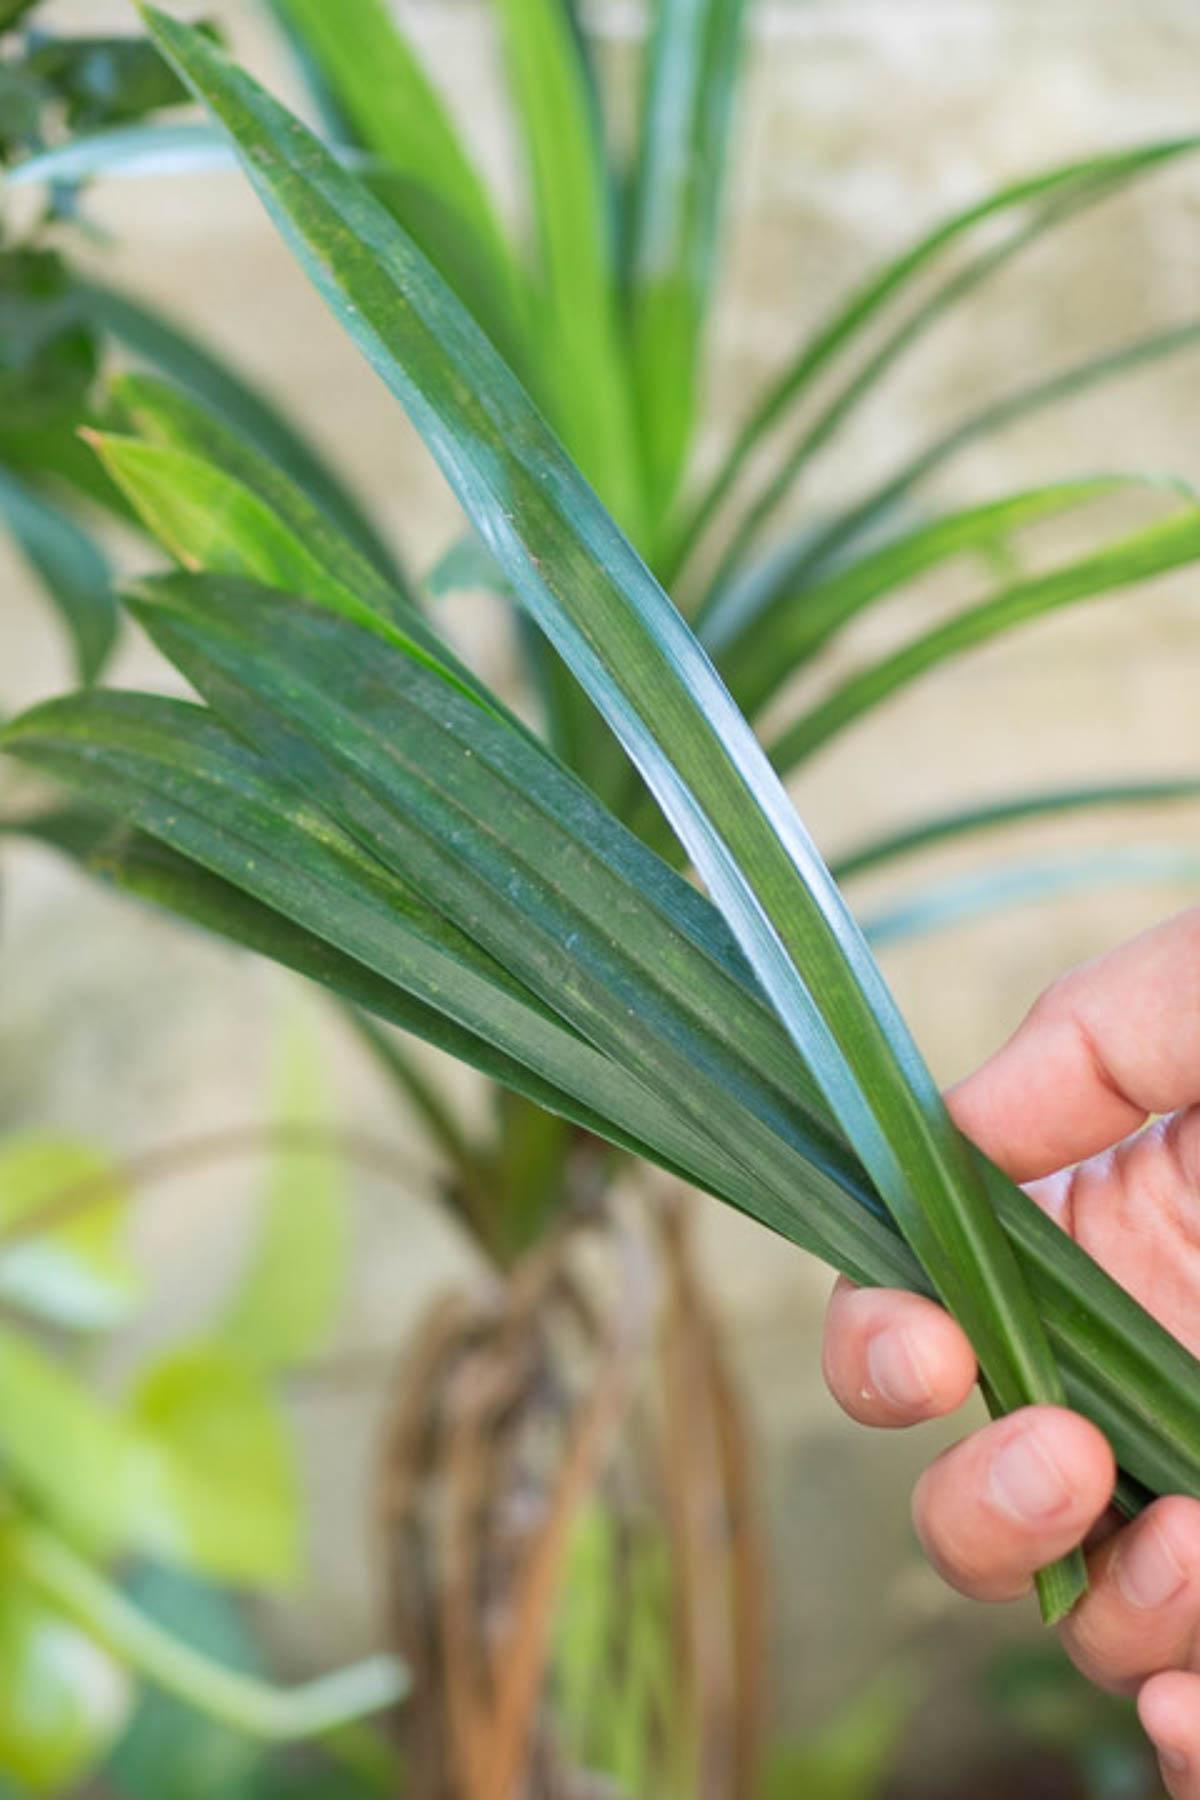 pandan leaves being held in a hand